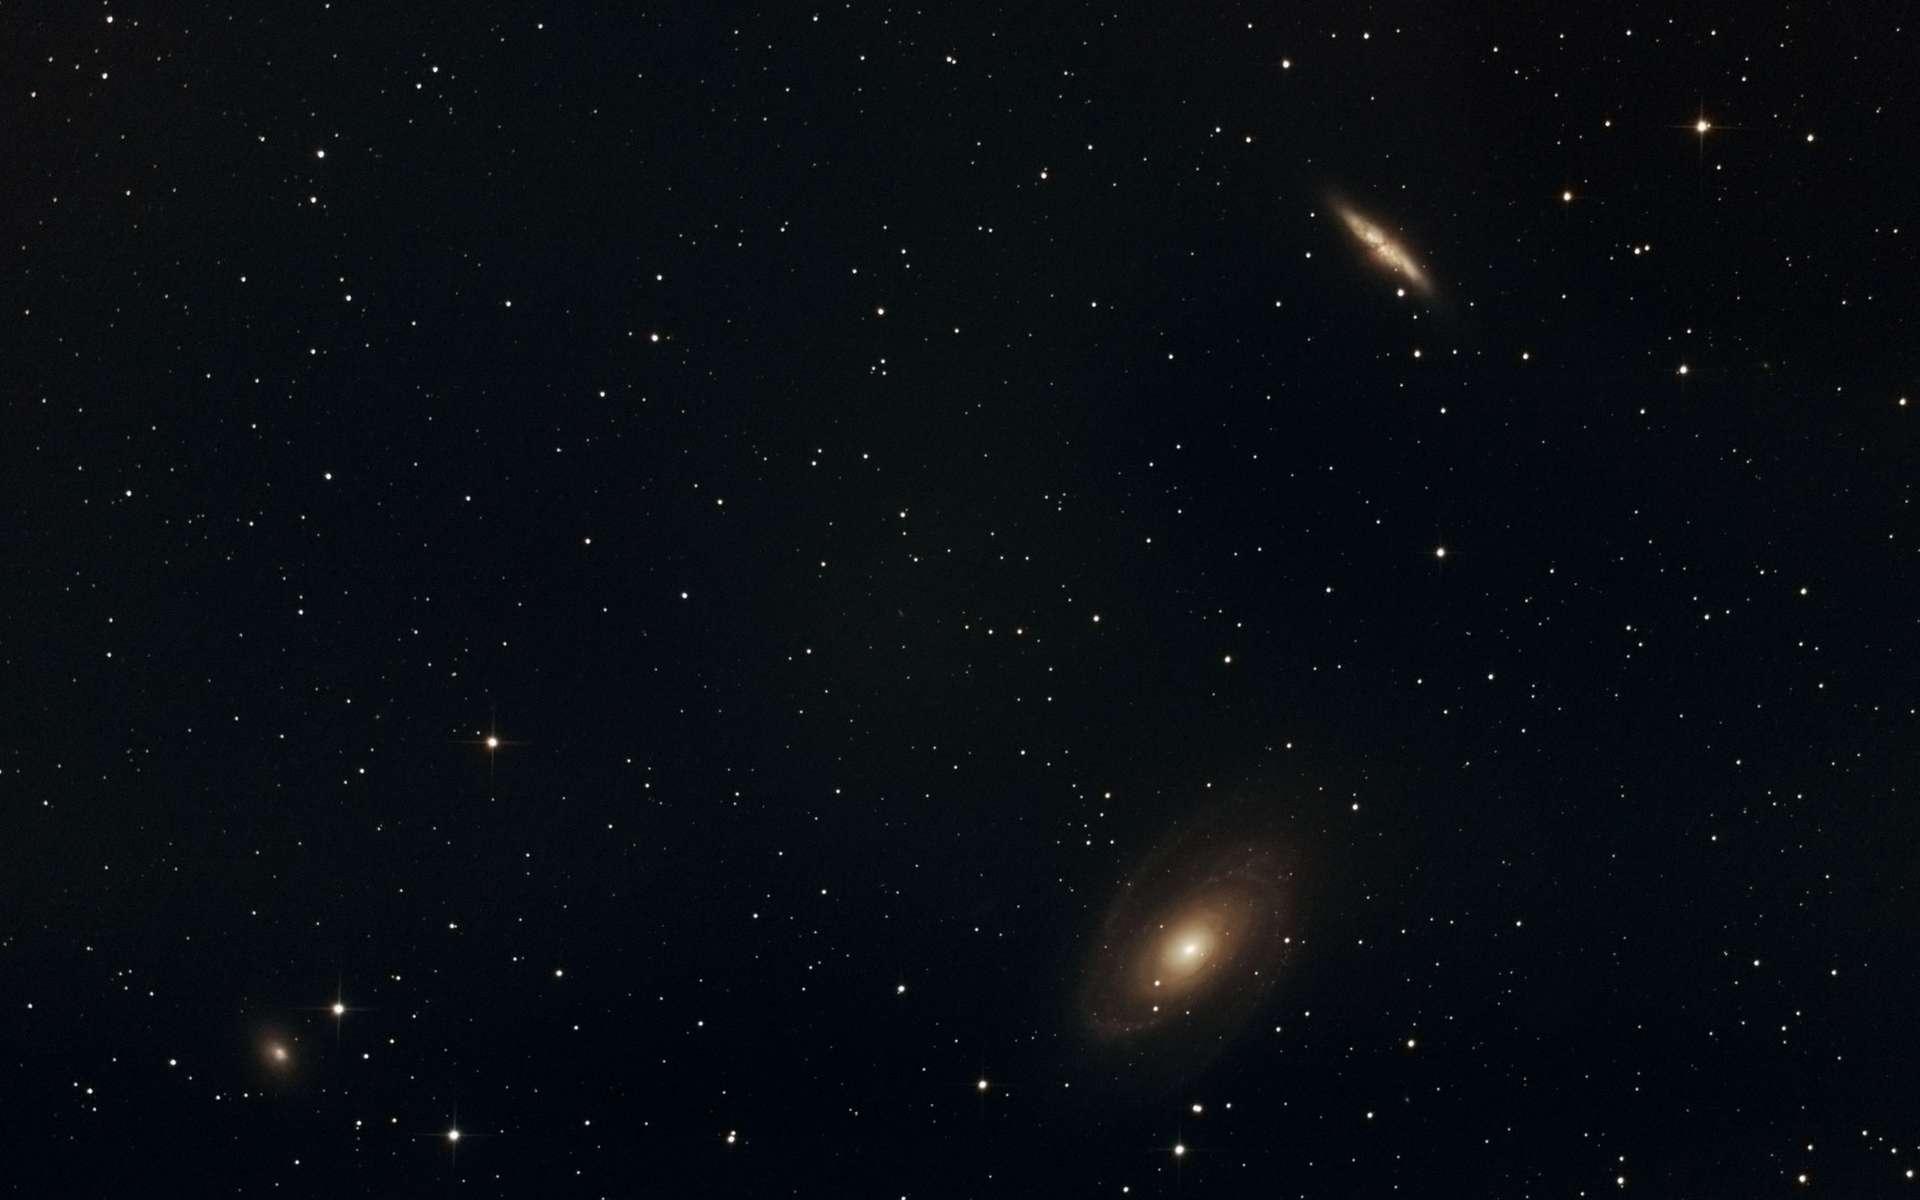 Le couple galactique M 81 et M 82 est accompagné de NGC 3077. © Maxime Simet